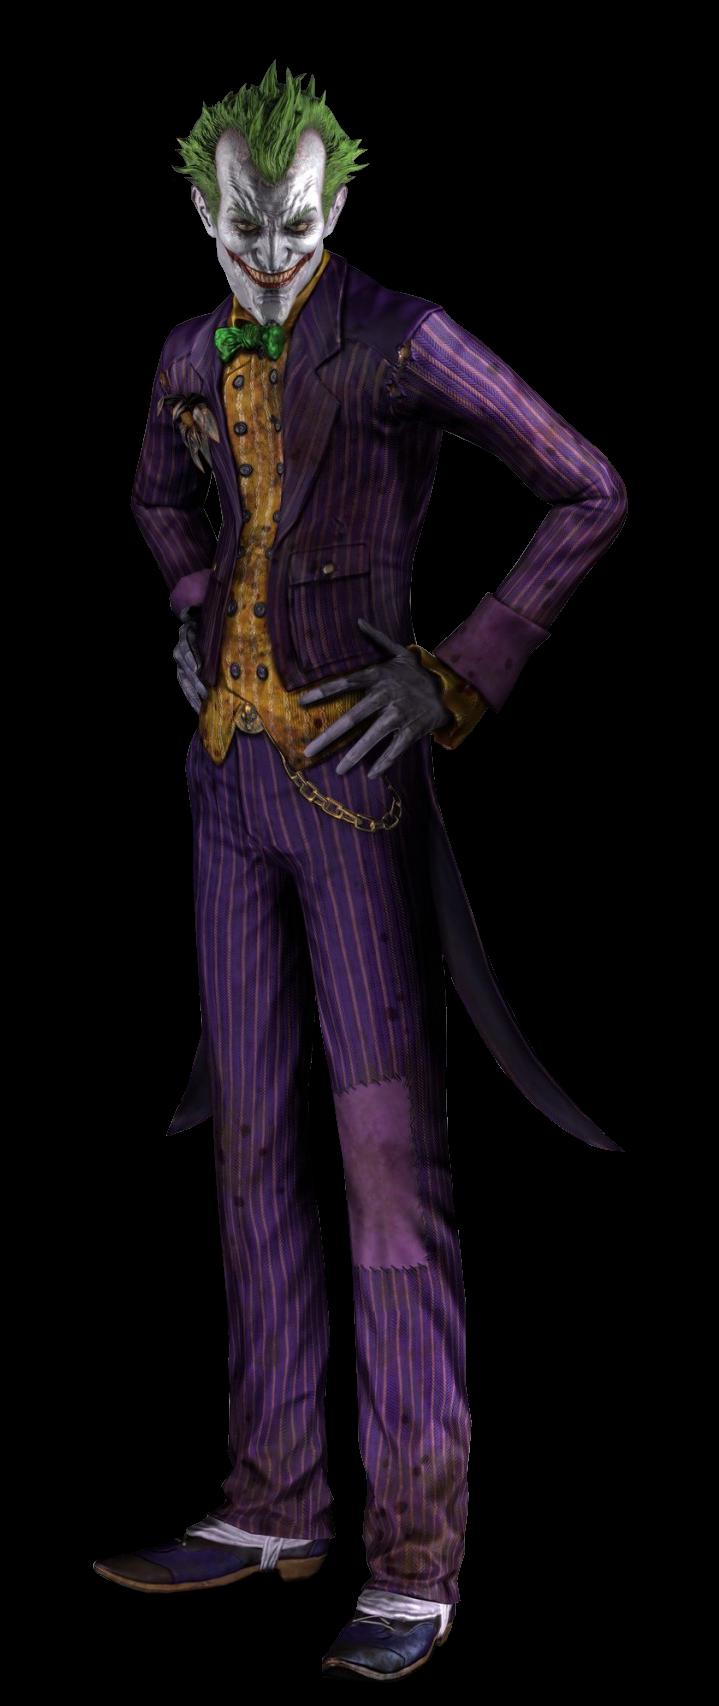 The Joker - VS Battles Wiki - FANDOM powered by Wikia